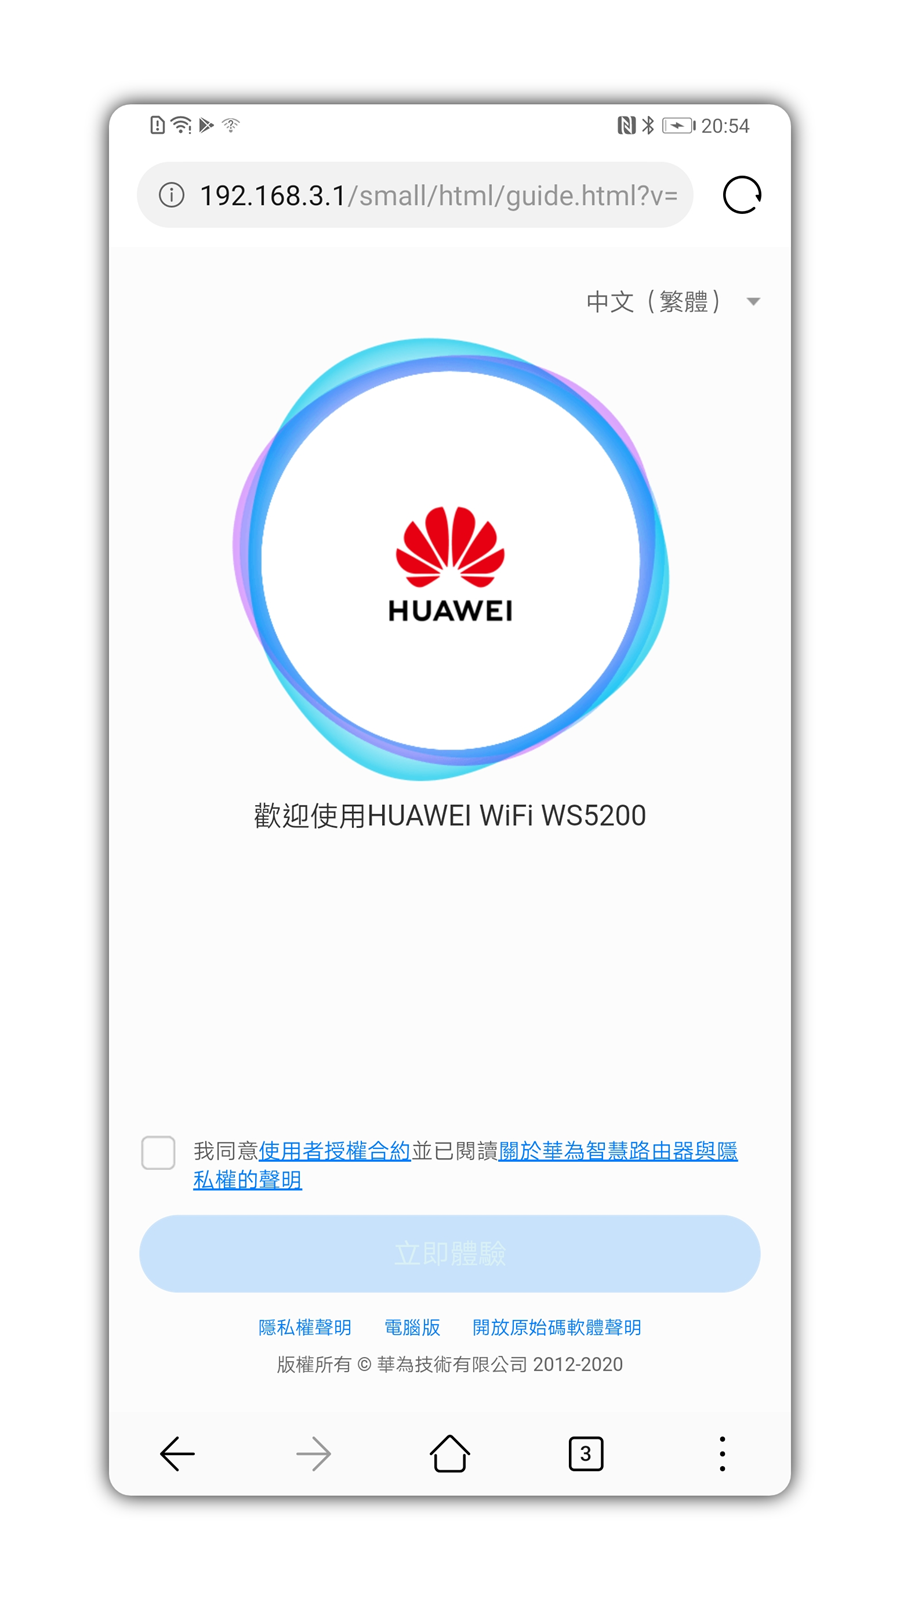 輕鬆入手性能優異無線基地台!HUAWEI WS5200 開箱分享+實測 @3C 達人廖阿輝